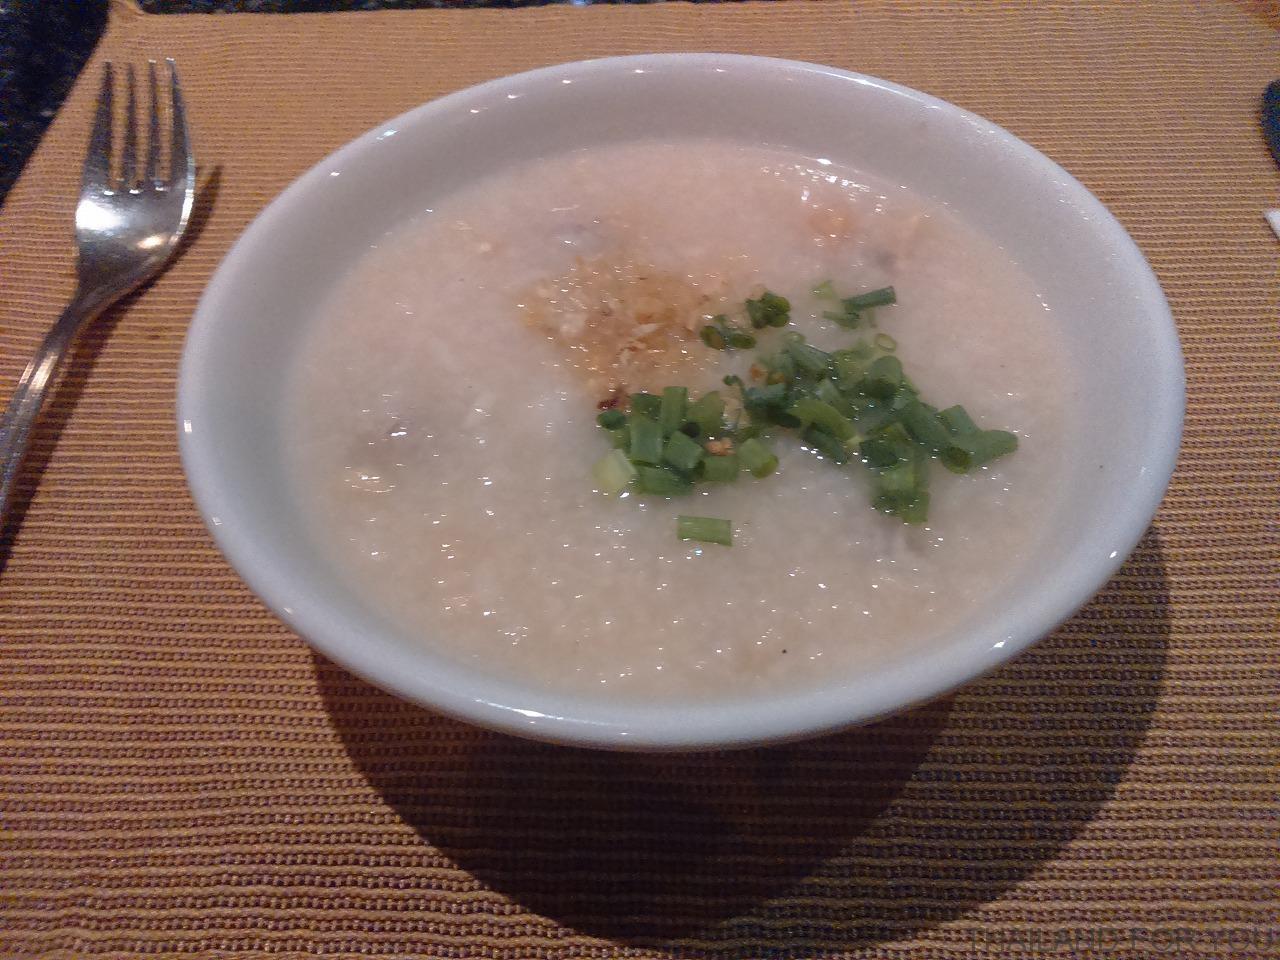 ワィアン イン ホテル (Wiang Inn Hotel) 朝食 写真